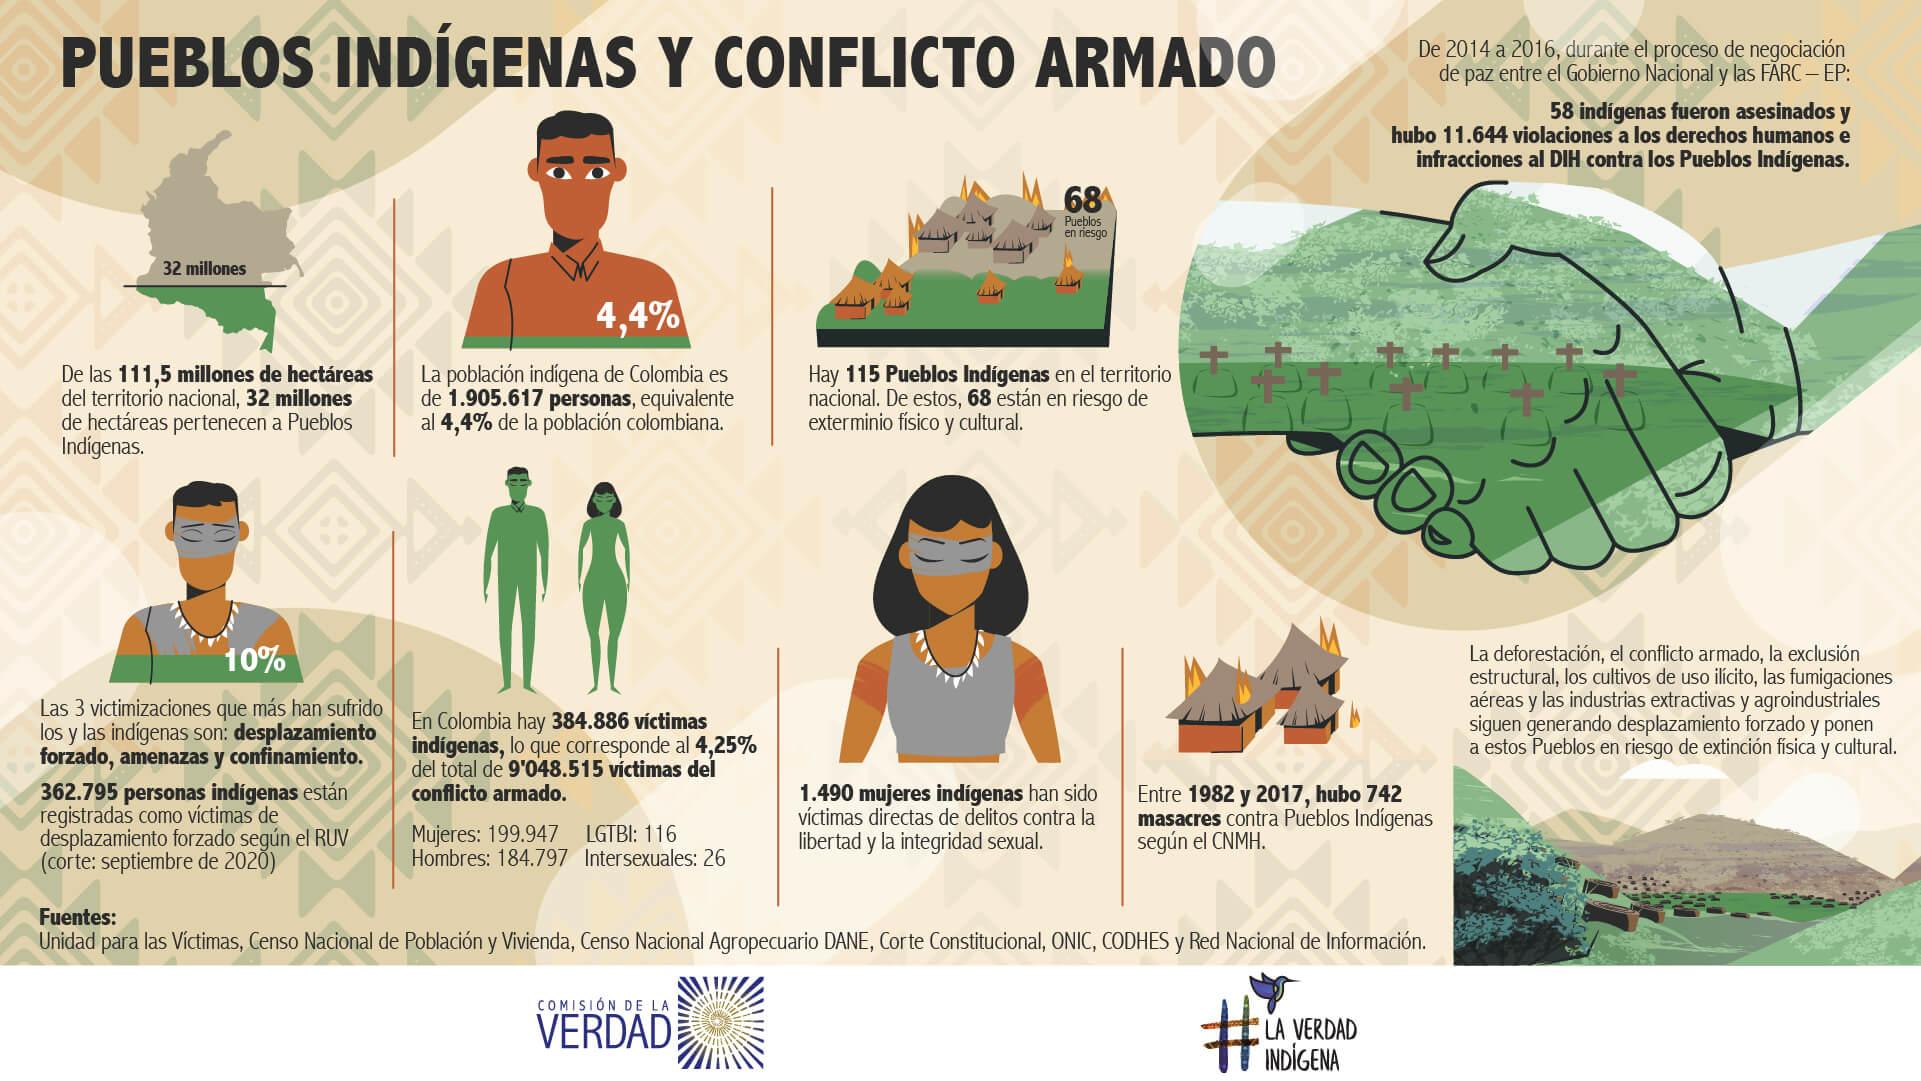 Cifras de los impactos del conflicto armado en los pueblos indígenas